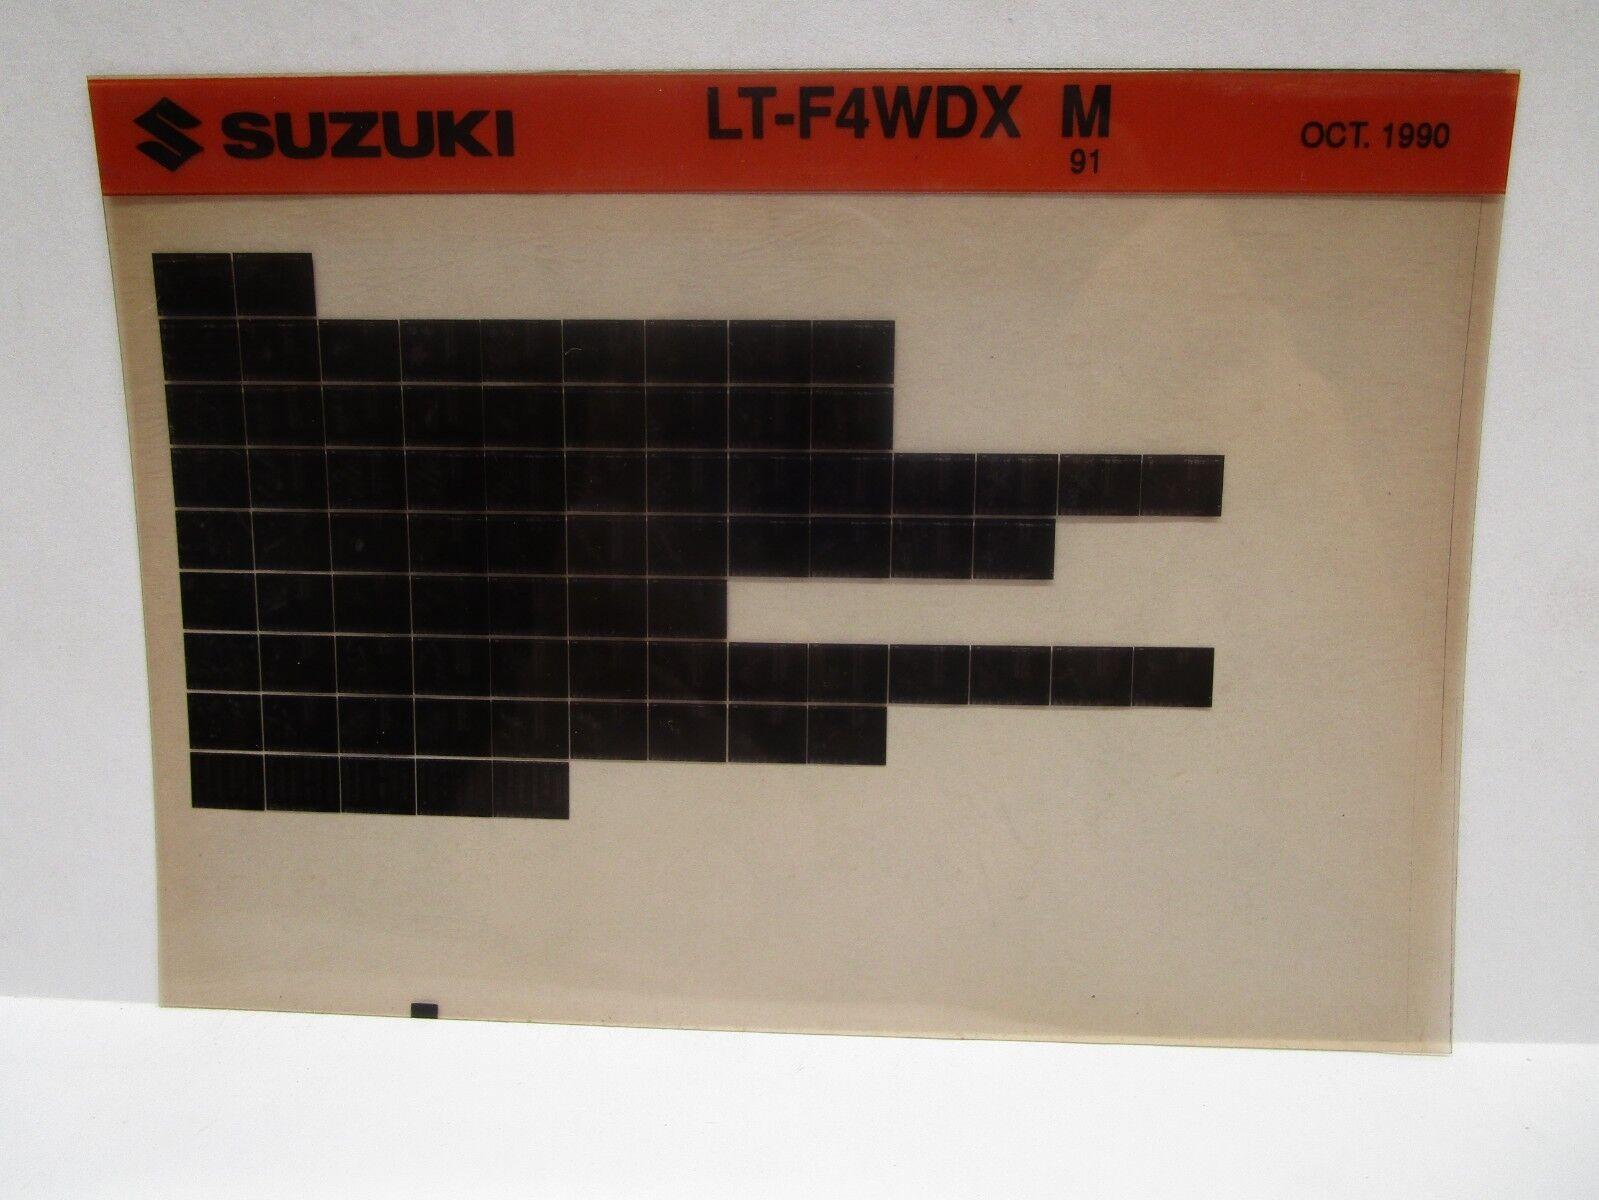 Suzuki LT-F4WDX M 91 Parts Catalog Microfiche October 1990